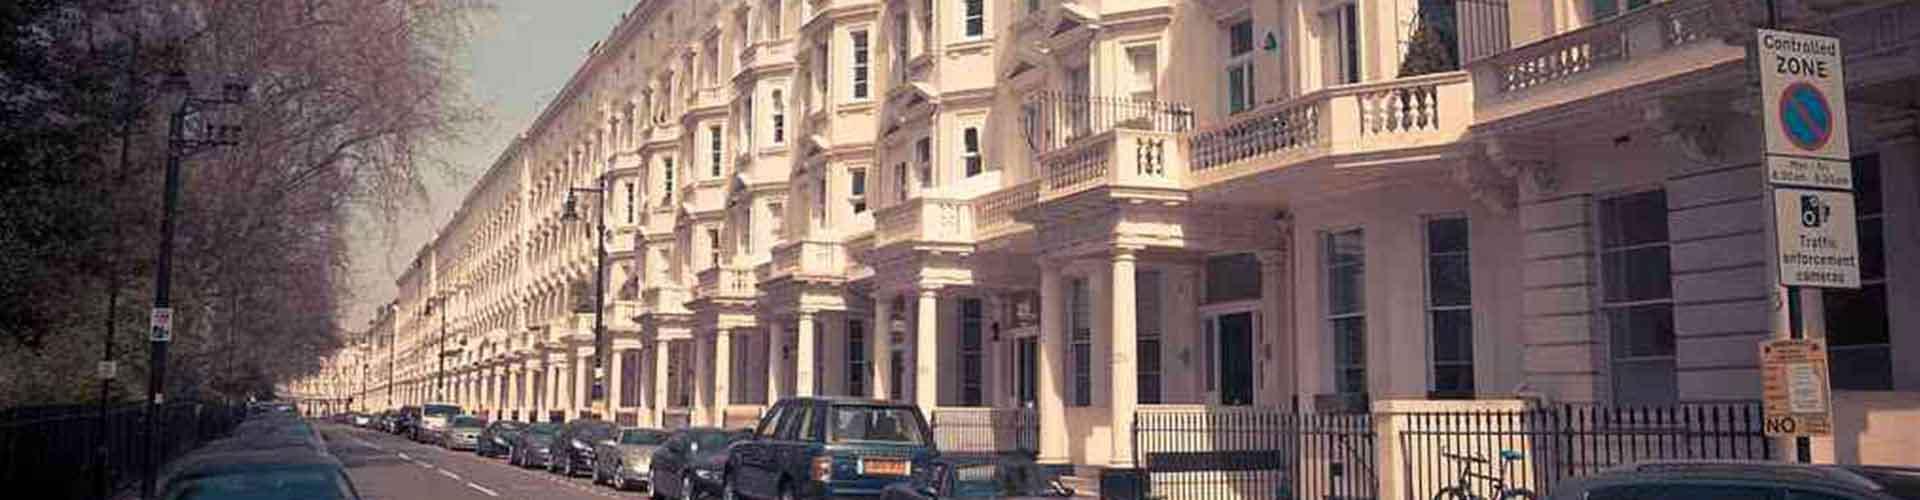 런던 - Pimlico지역에 위치한 아파트. 런던의 지도, 런던에 위치한 아파트에 대한 사진 및 리뷰.